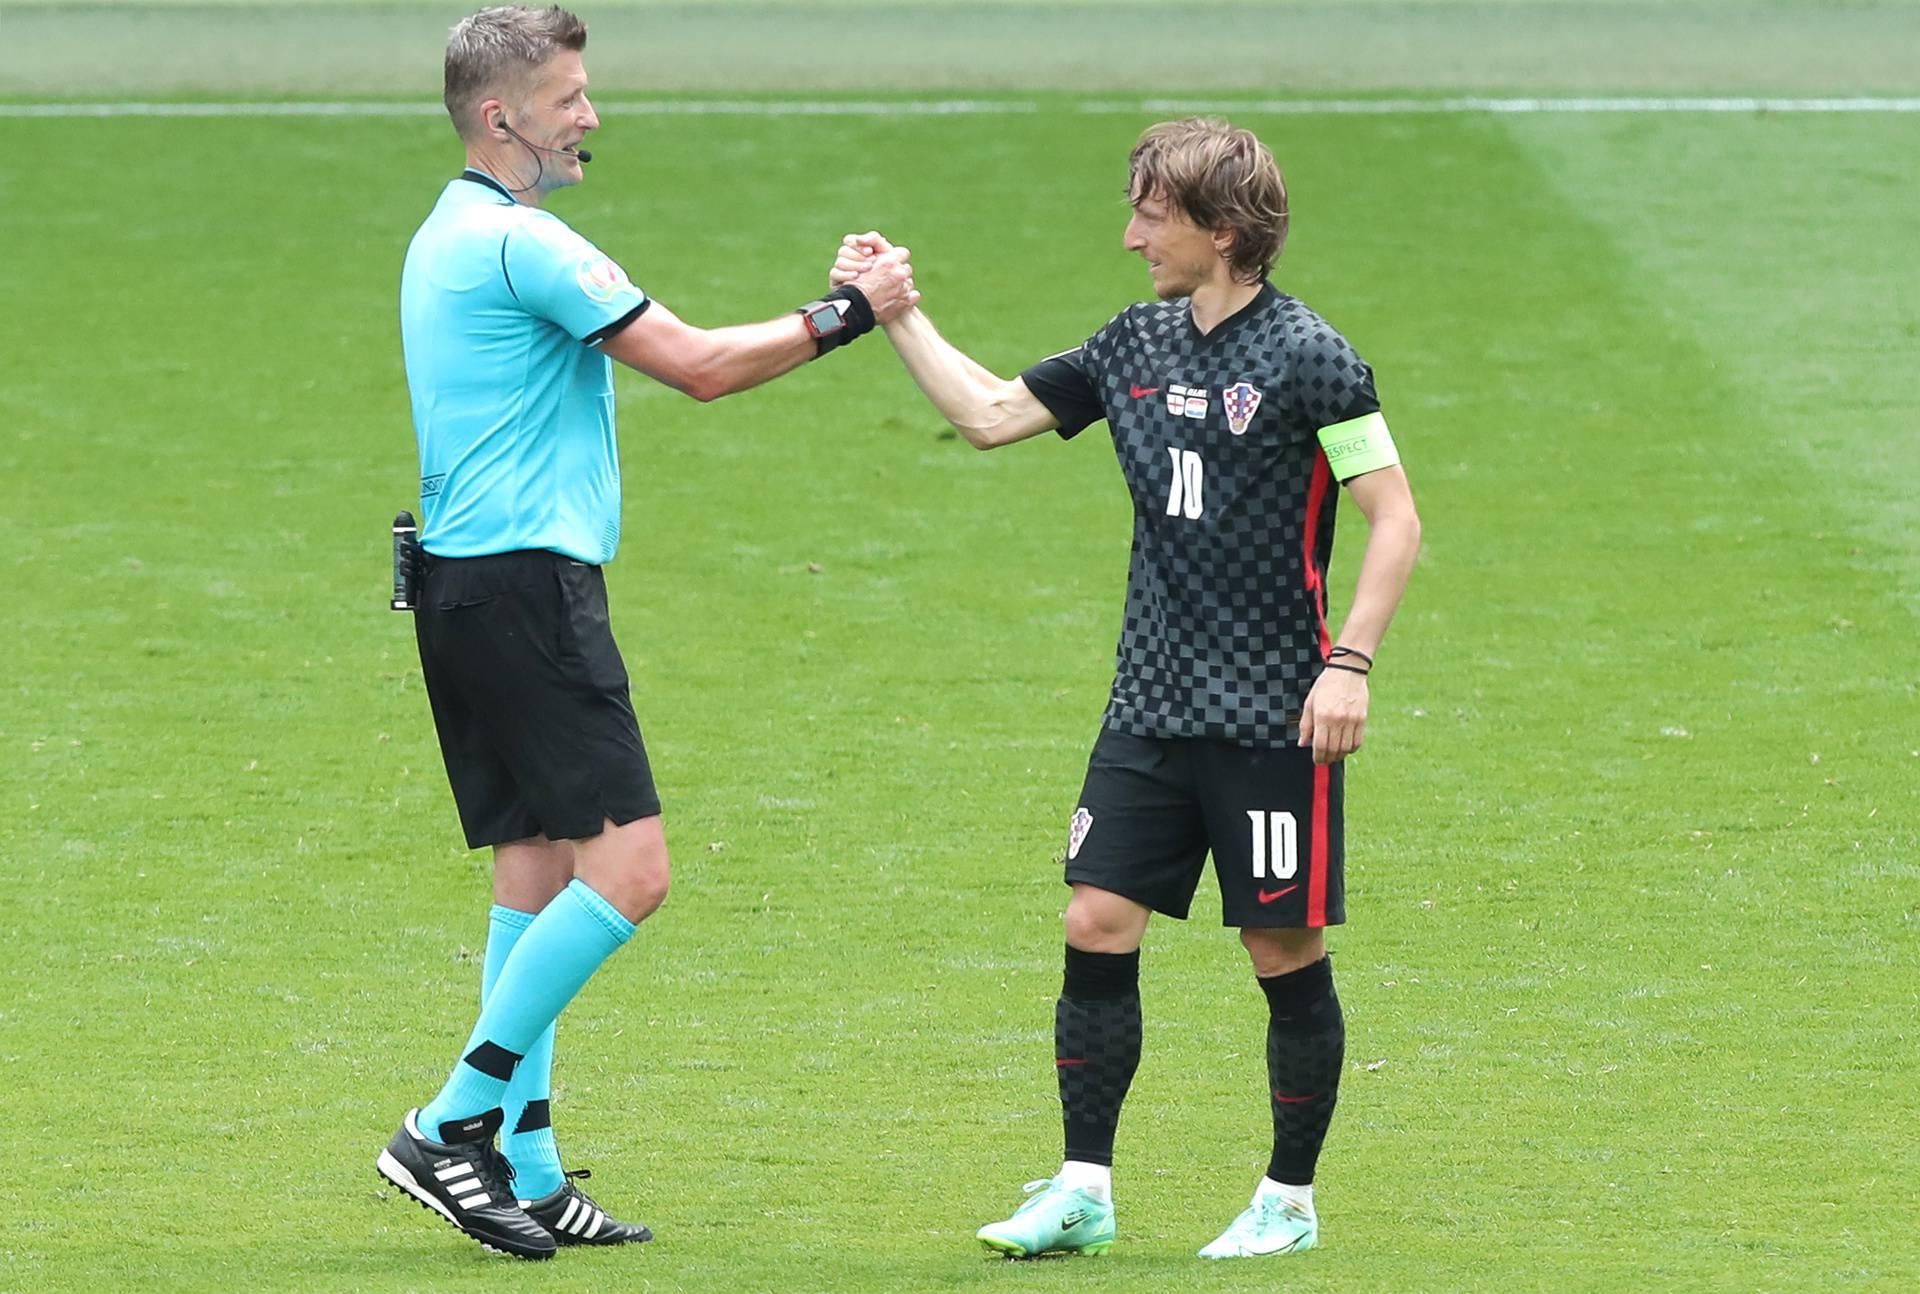 Otvaranje Eura loše završilo za Hrvatsku, izgubili utakmicu s Engleskom 1:0